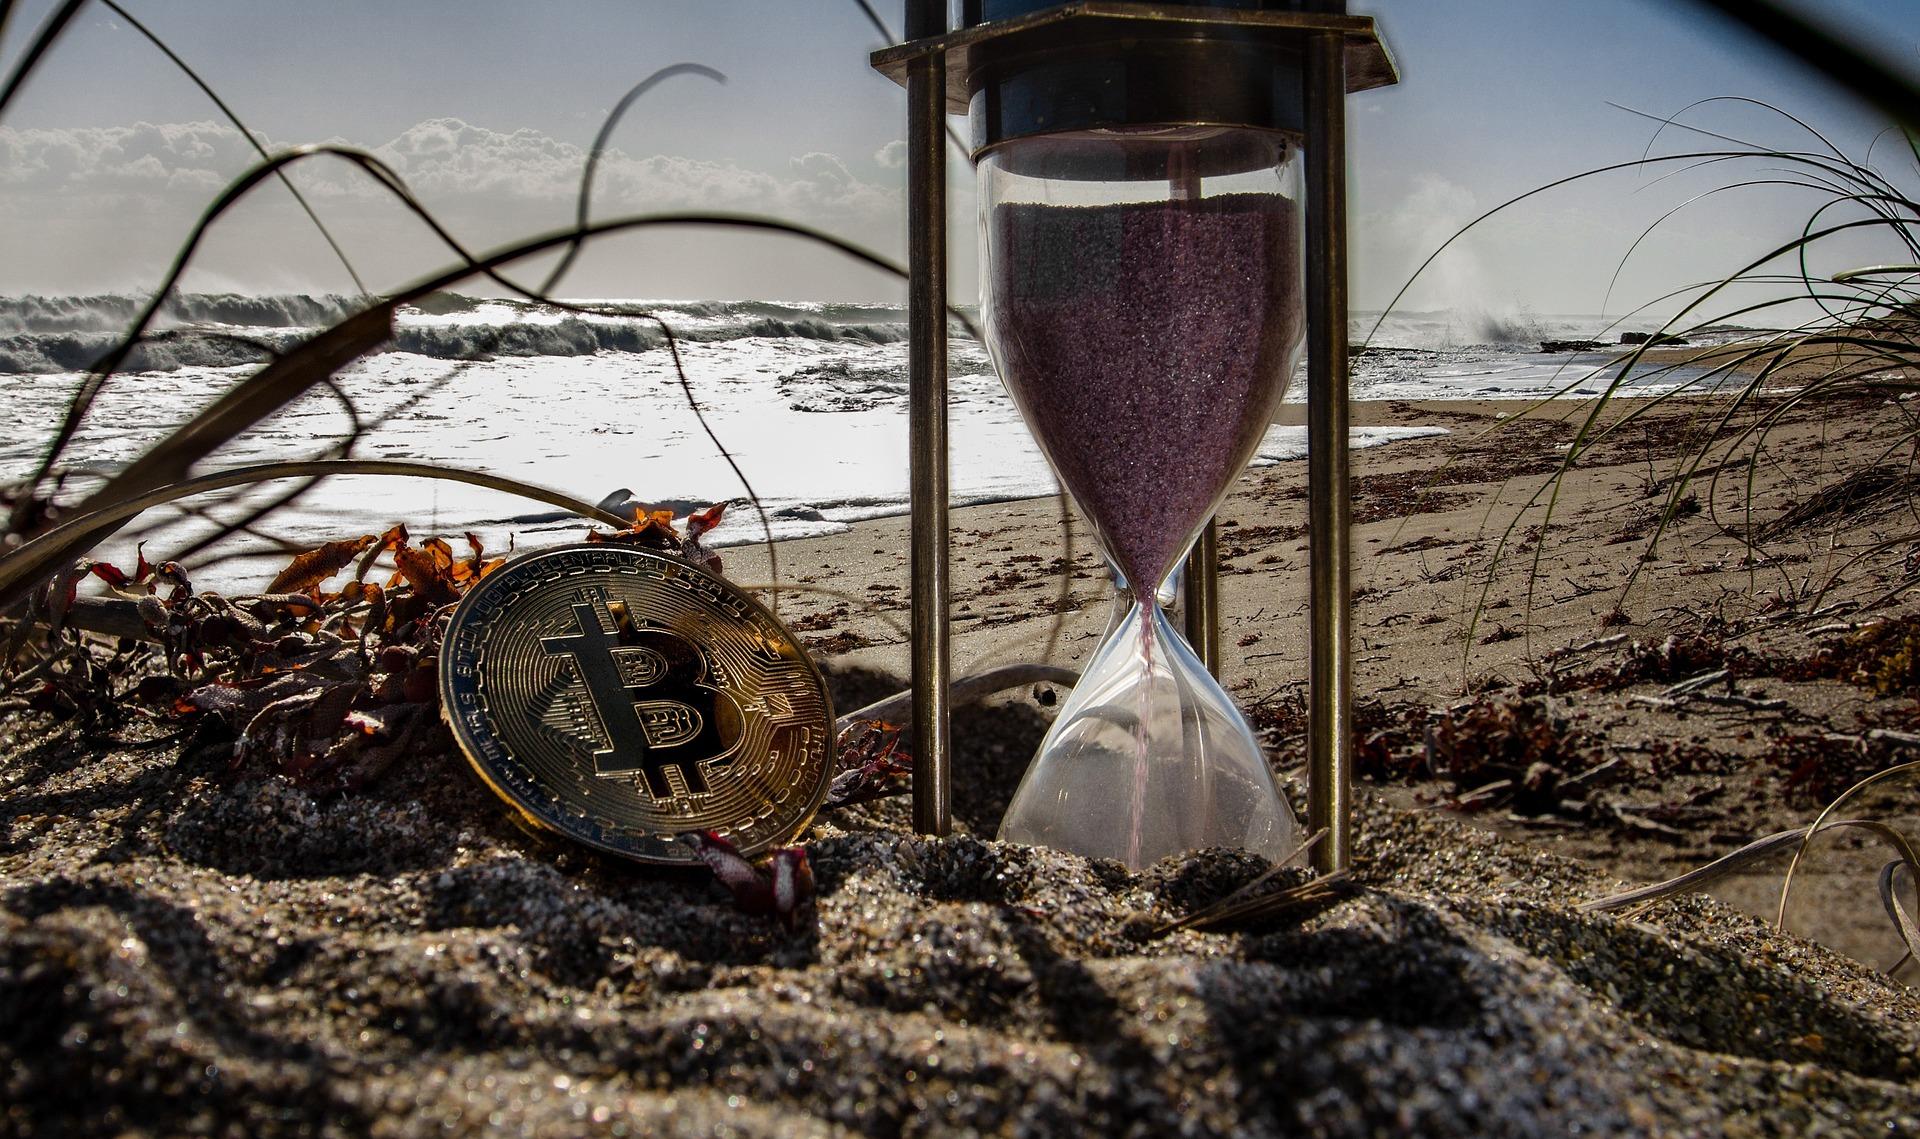 El tiempo se le acaba al bitcoing - blockchain